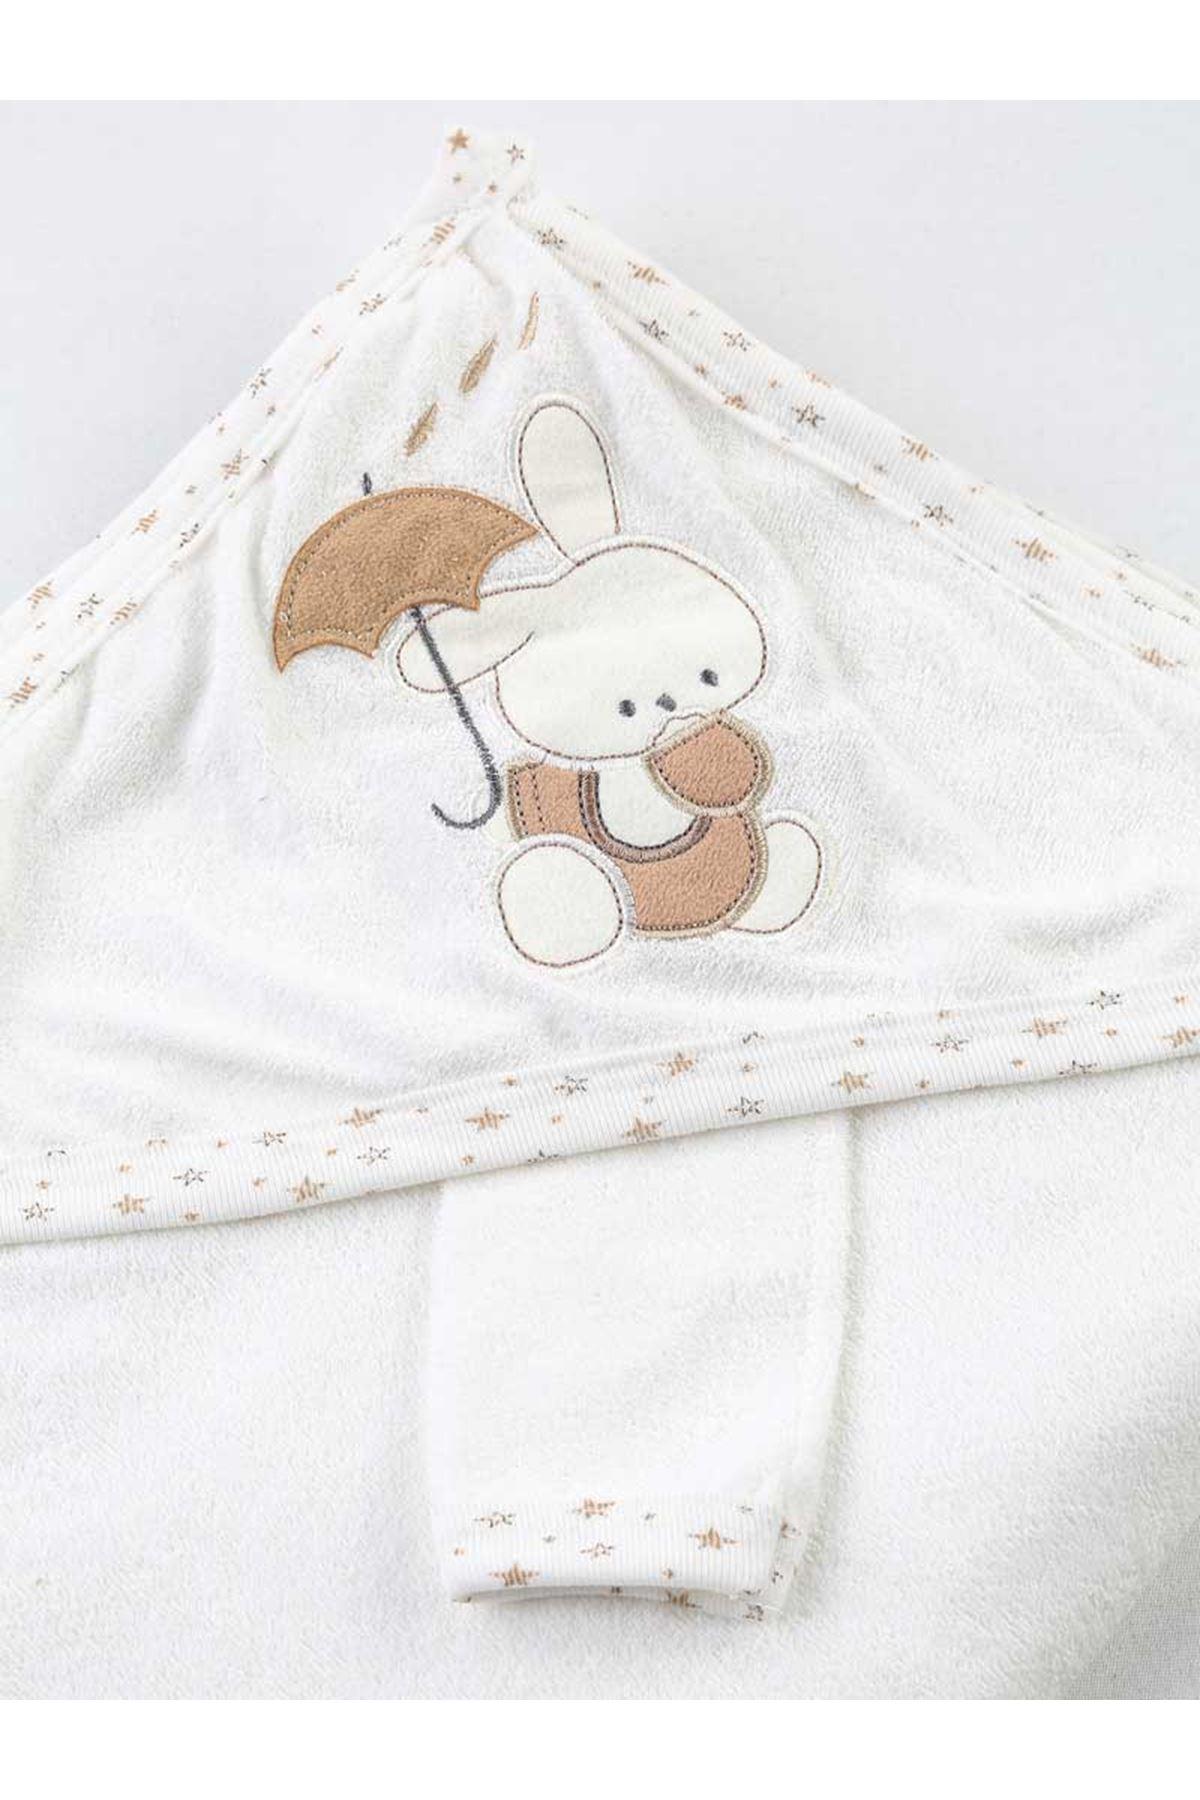 Açık Kahve Beyaz Erkek Bebek Pamuklu Kundak Banyo Havlusu